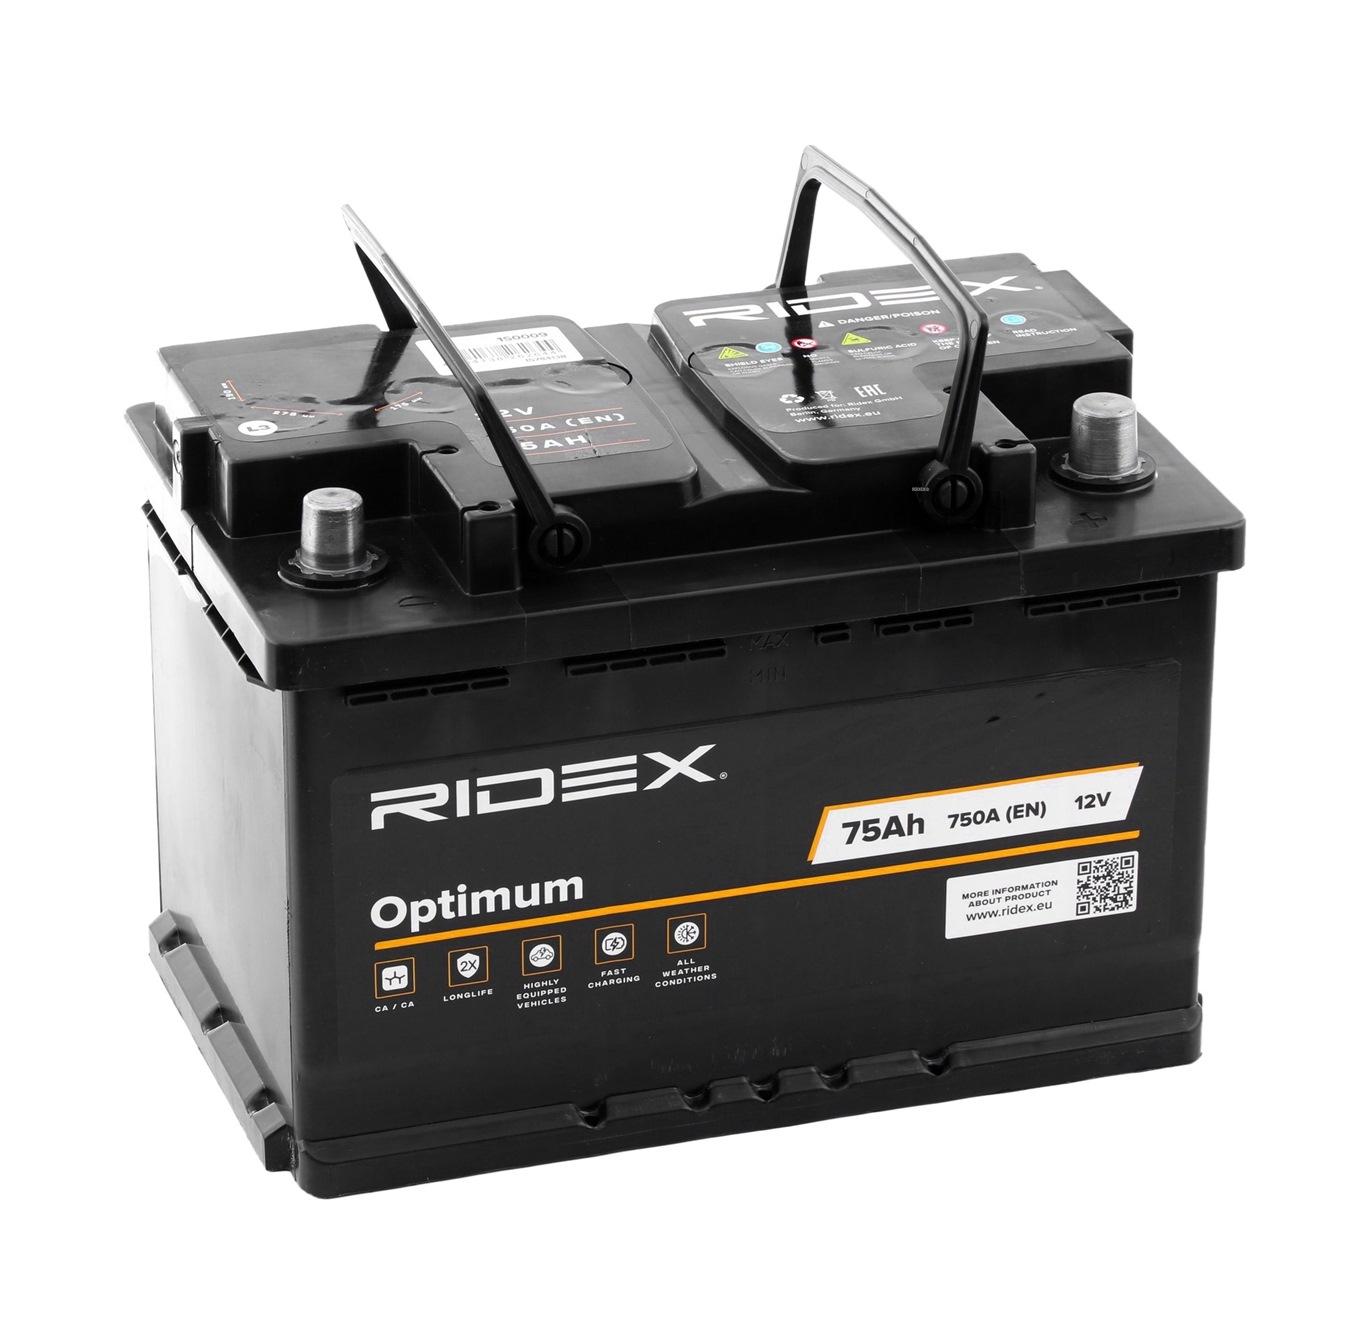 Starterbatterie 1S0009 günstige Preise - Jetzt kaufen!